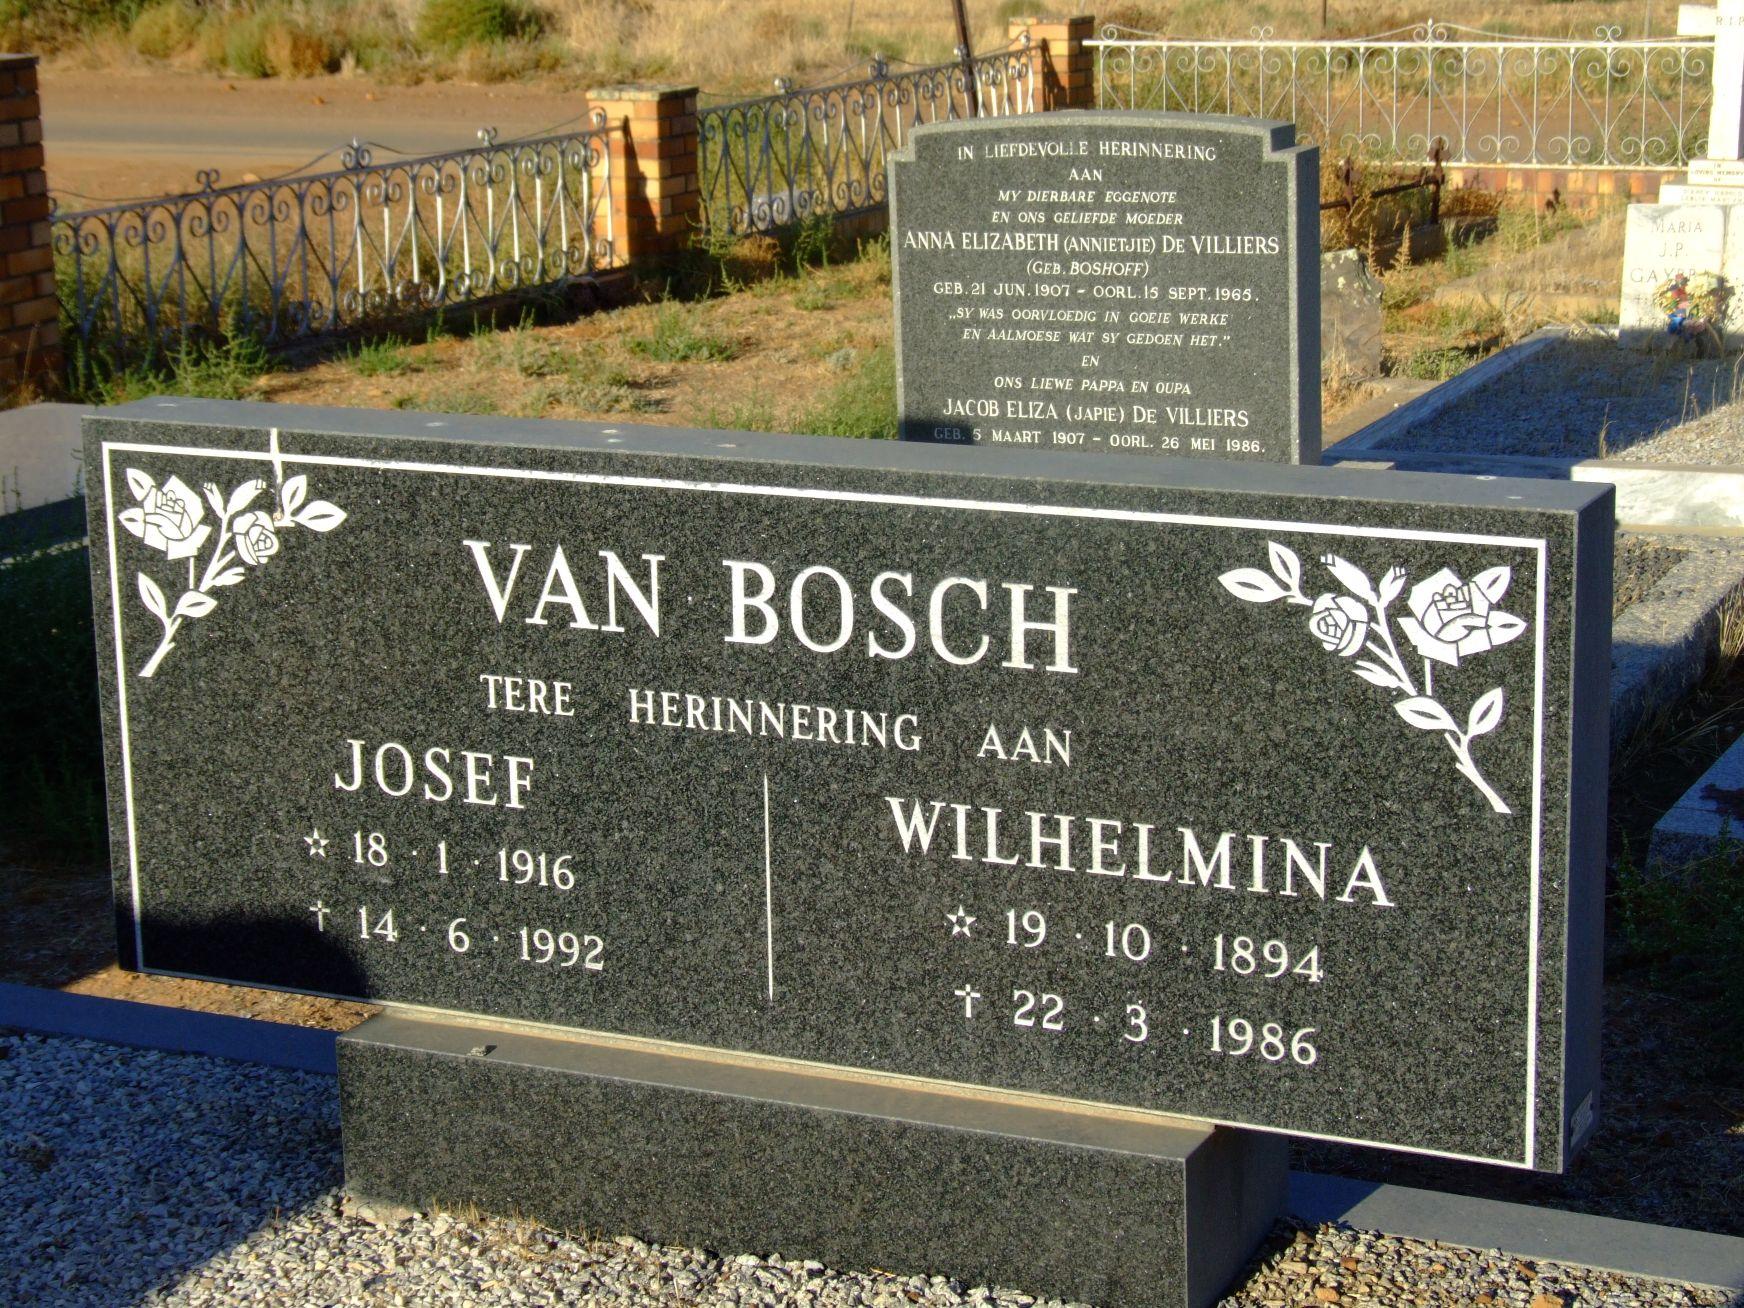 Van Bosch, Josef + Van Bosch, Wilhelmina